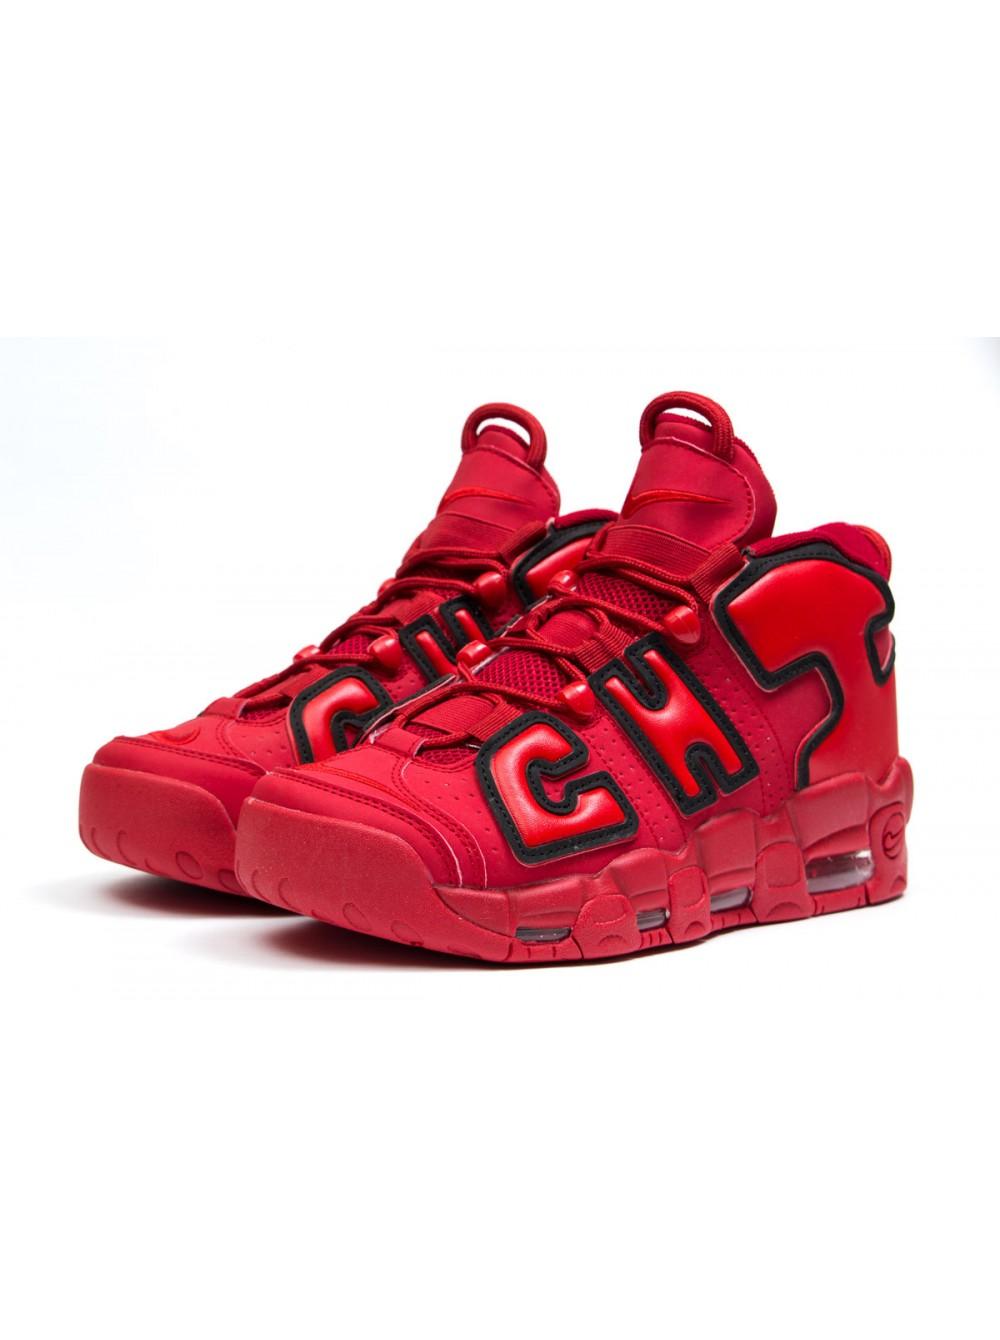 Мужские кроссовки Nike Air More Uptempo Красные купить по скидке в Киеве ccfd658d81aa3